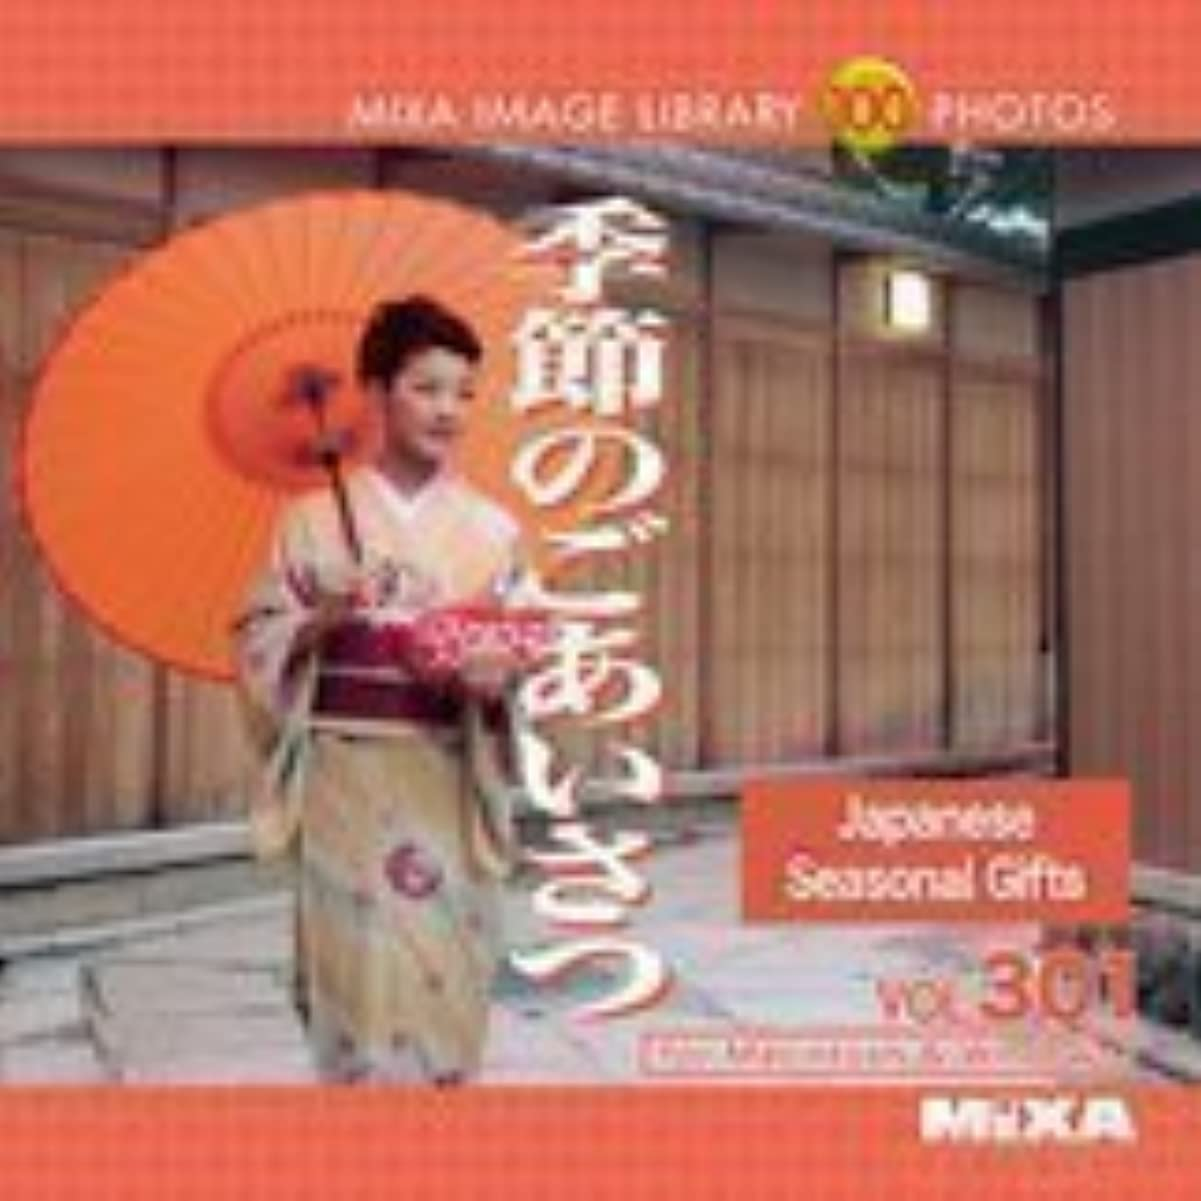 バイオリニストトリプル試験MIXA IMAGE LIBRARY Vol.301 季節のごあいさつ